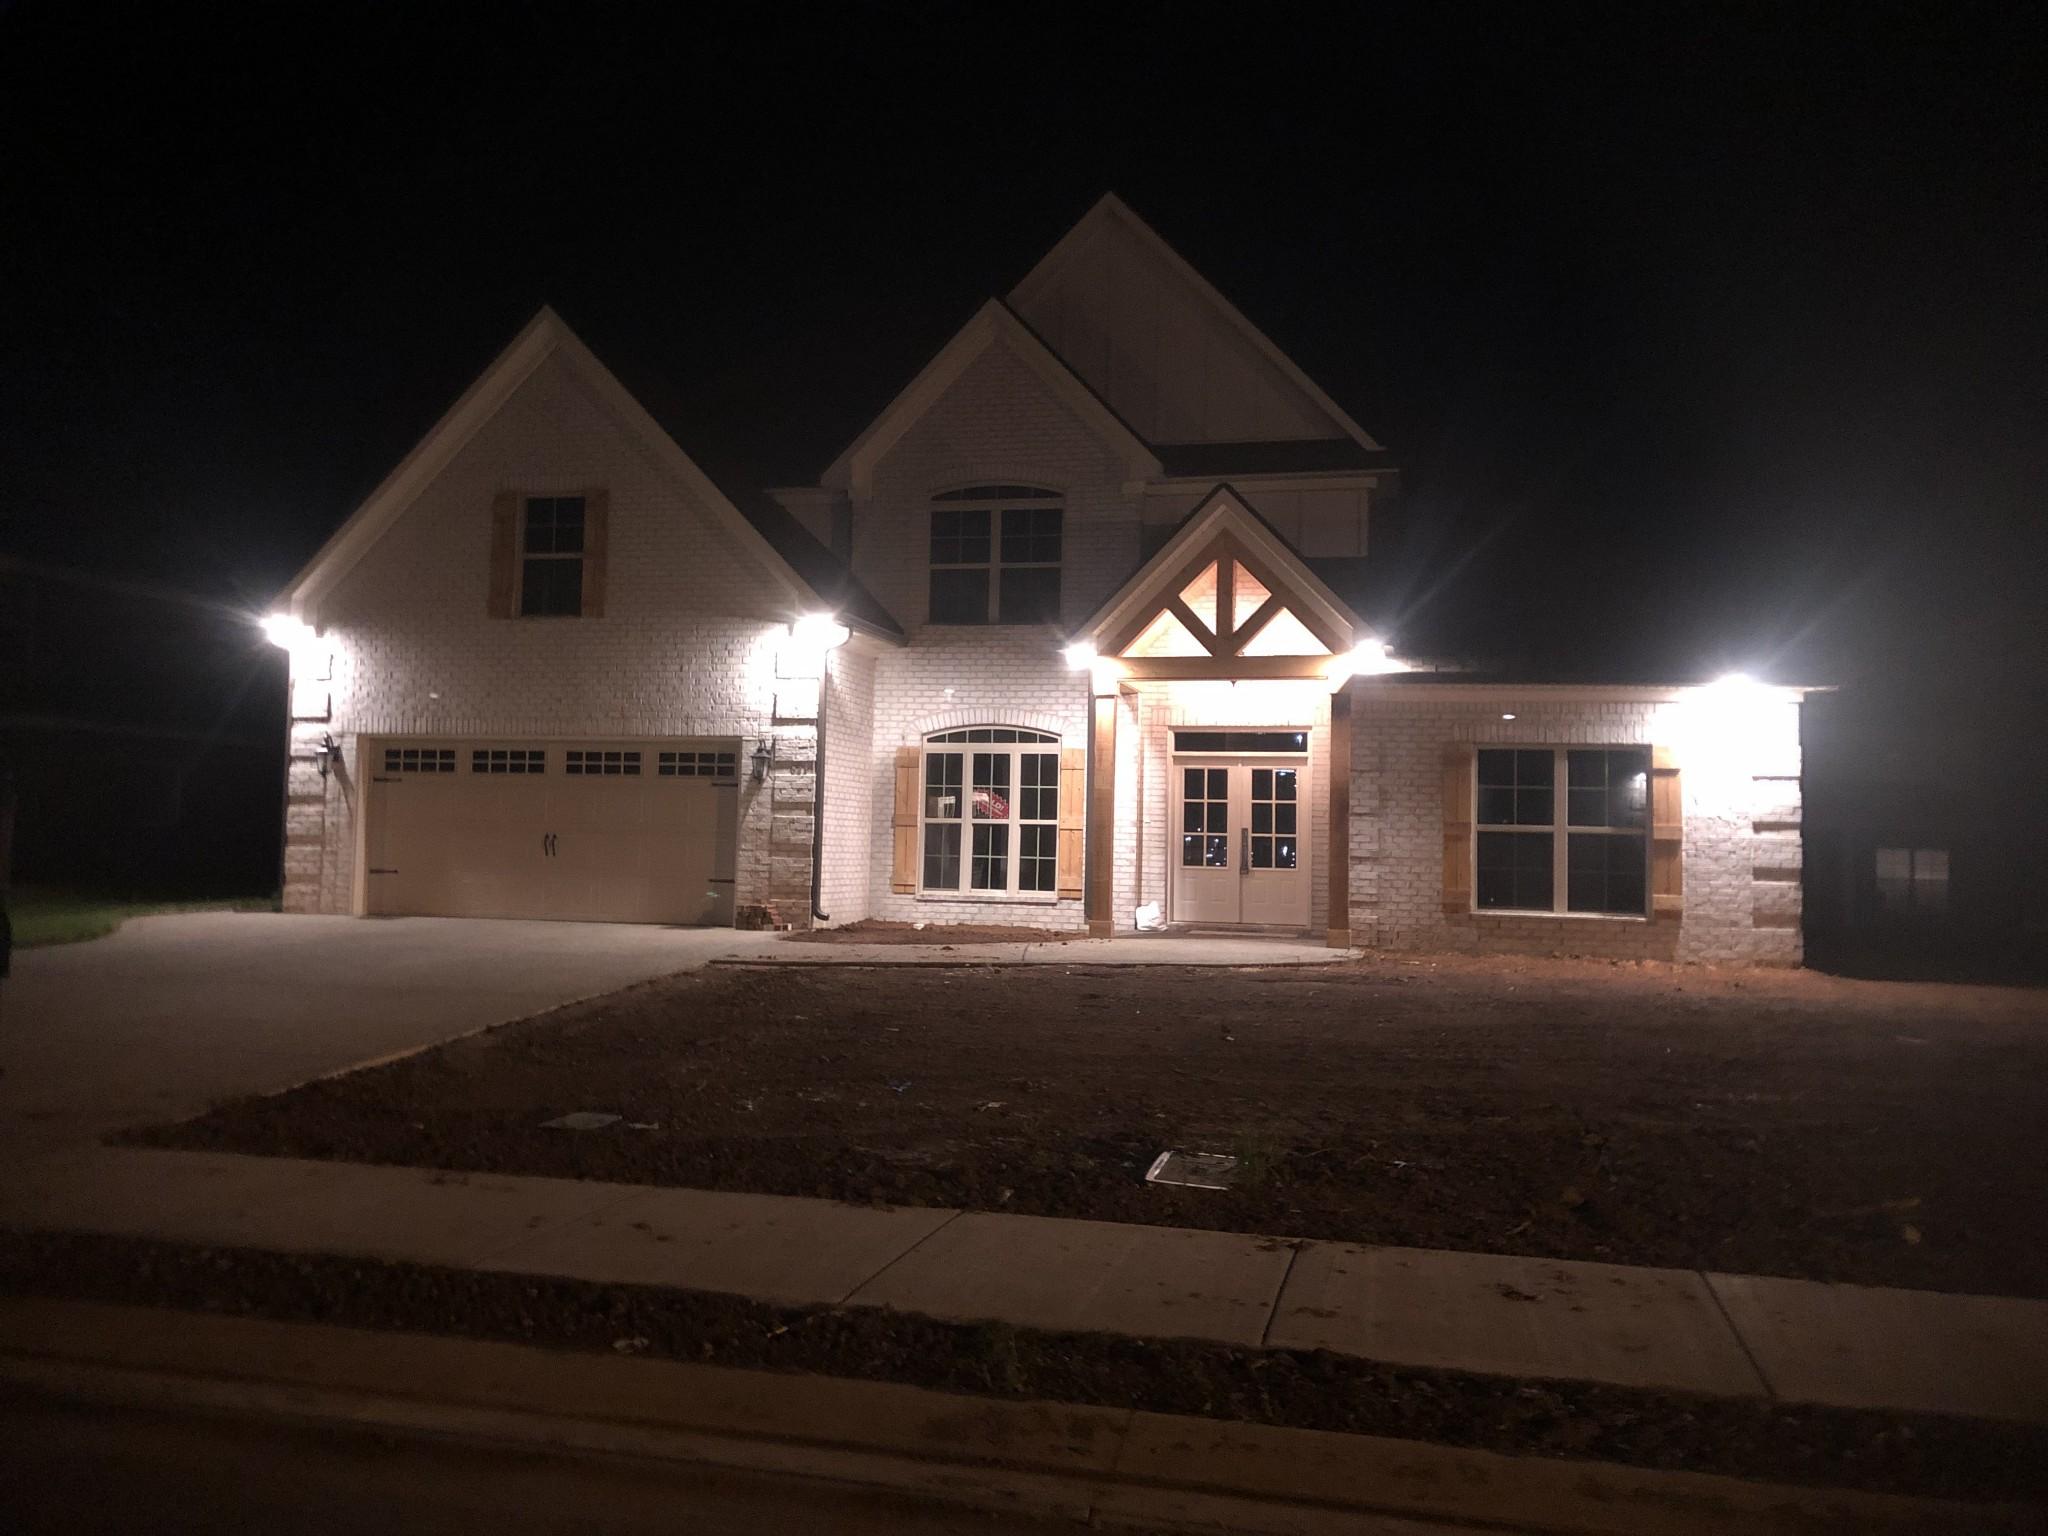 823 Licinius Ln Property Photo - Murfreesboro, TN real estate listing